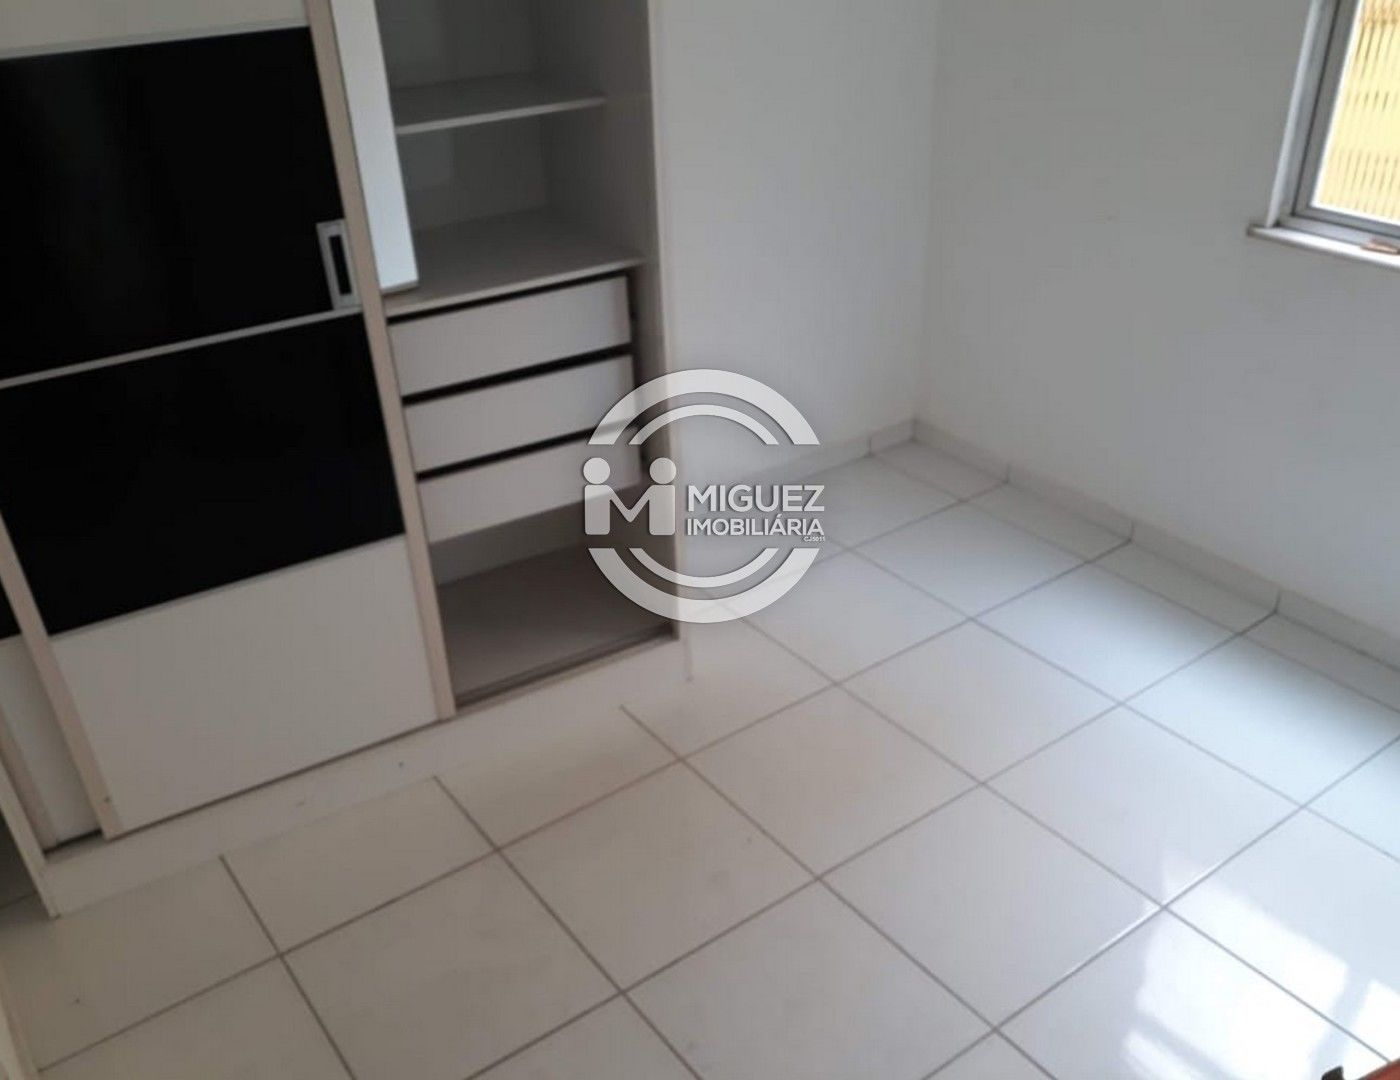 Apartamento, venda, Rua Barão de Itapagipe - Tijuca , Rio de janeiro